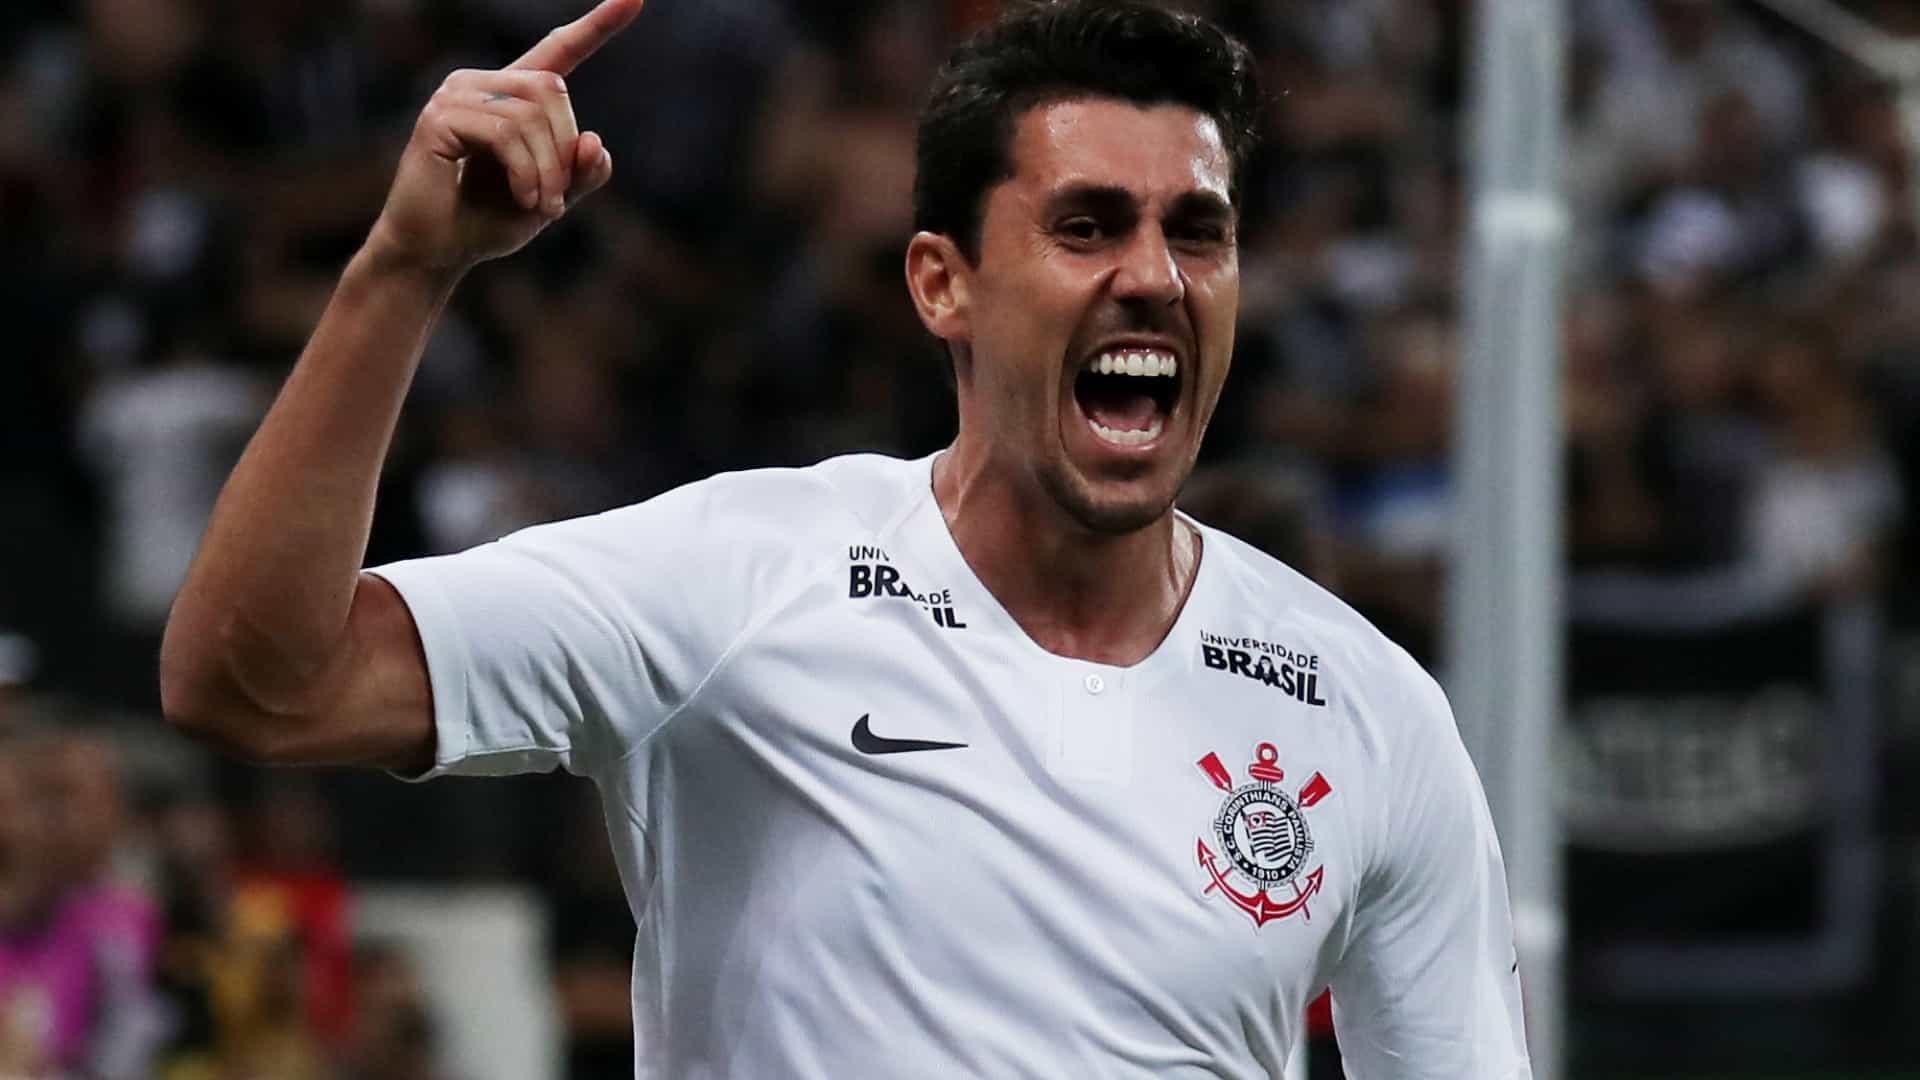 naom 5ca6a38681679 - Avelar, do Corinthians, admite ofensas racistas em jogo de eSports e se desculpa